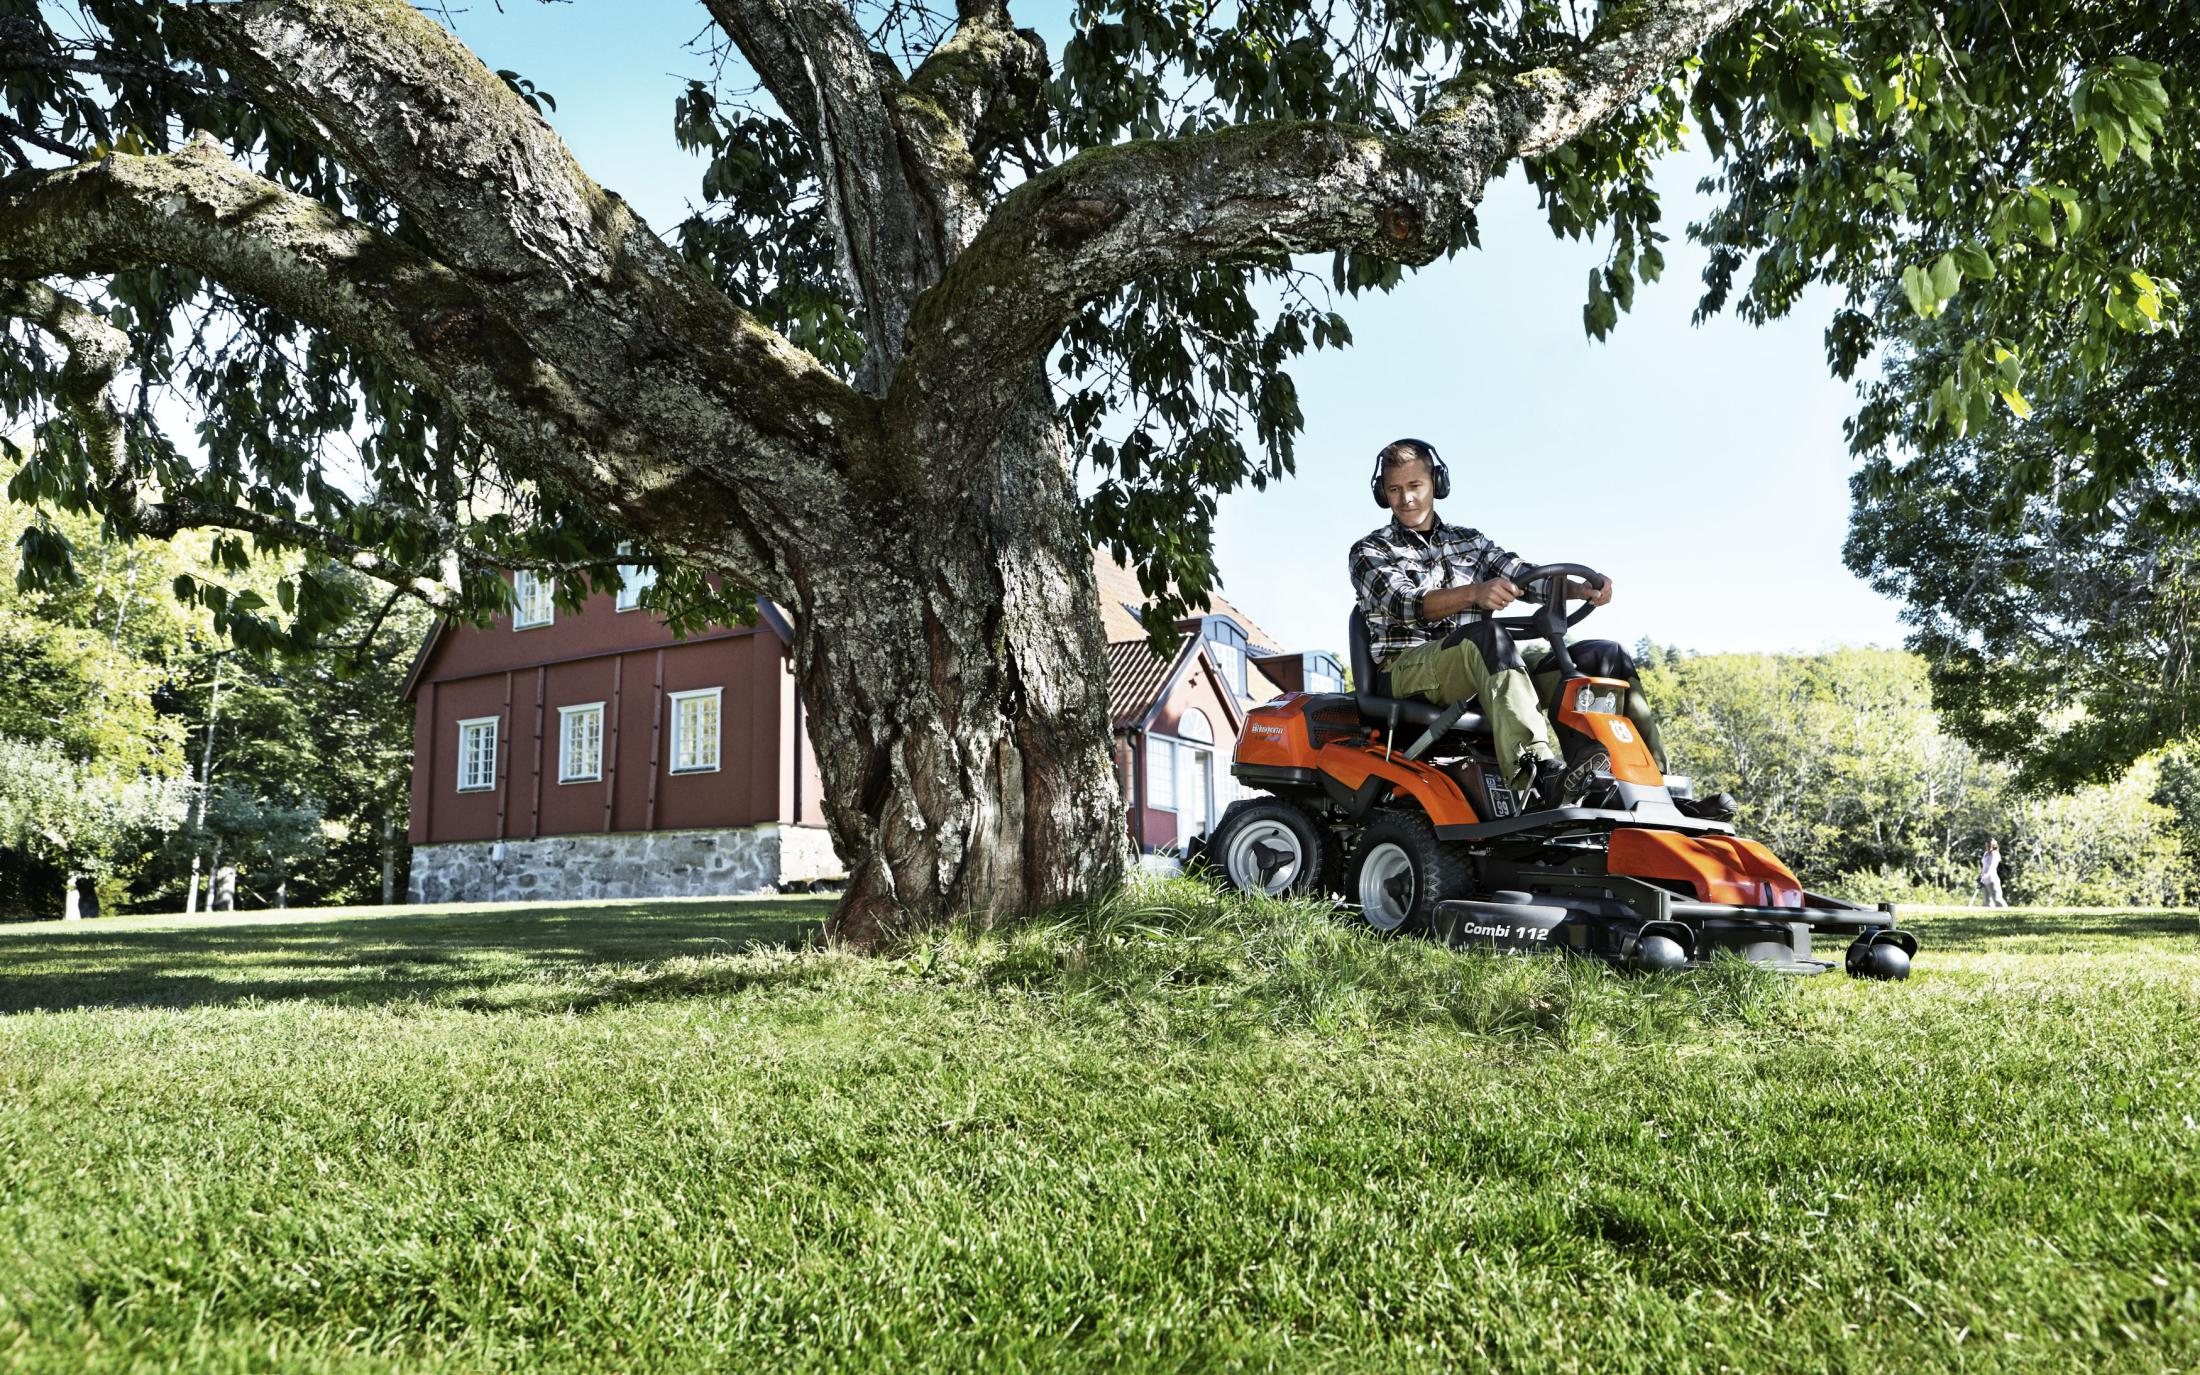 Husqvarna Rider Rasentraktoren von Gartentechnik Nauroth